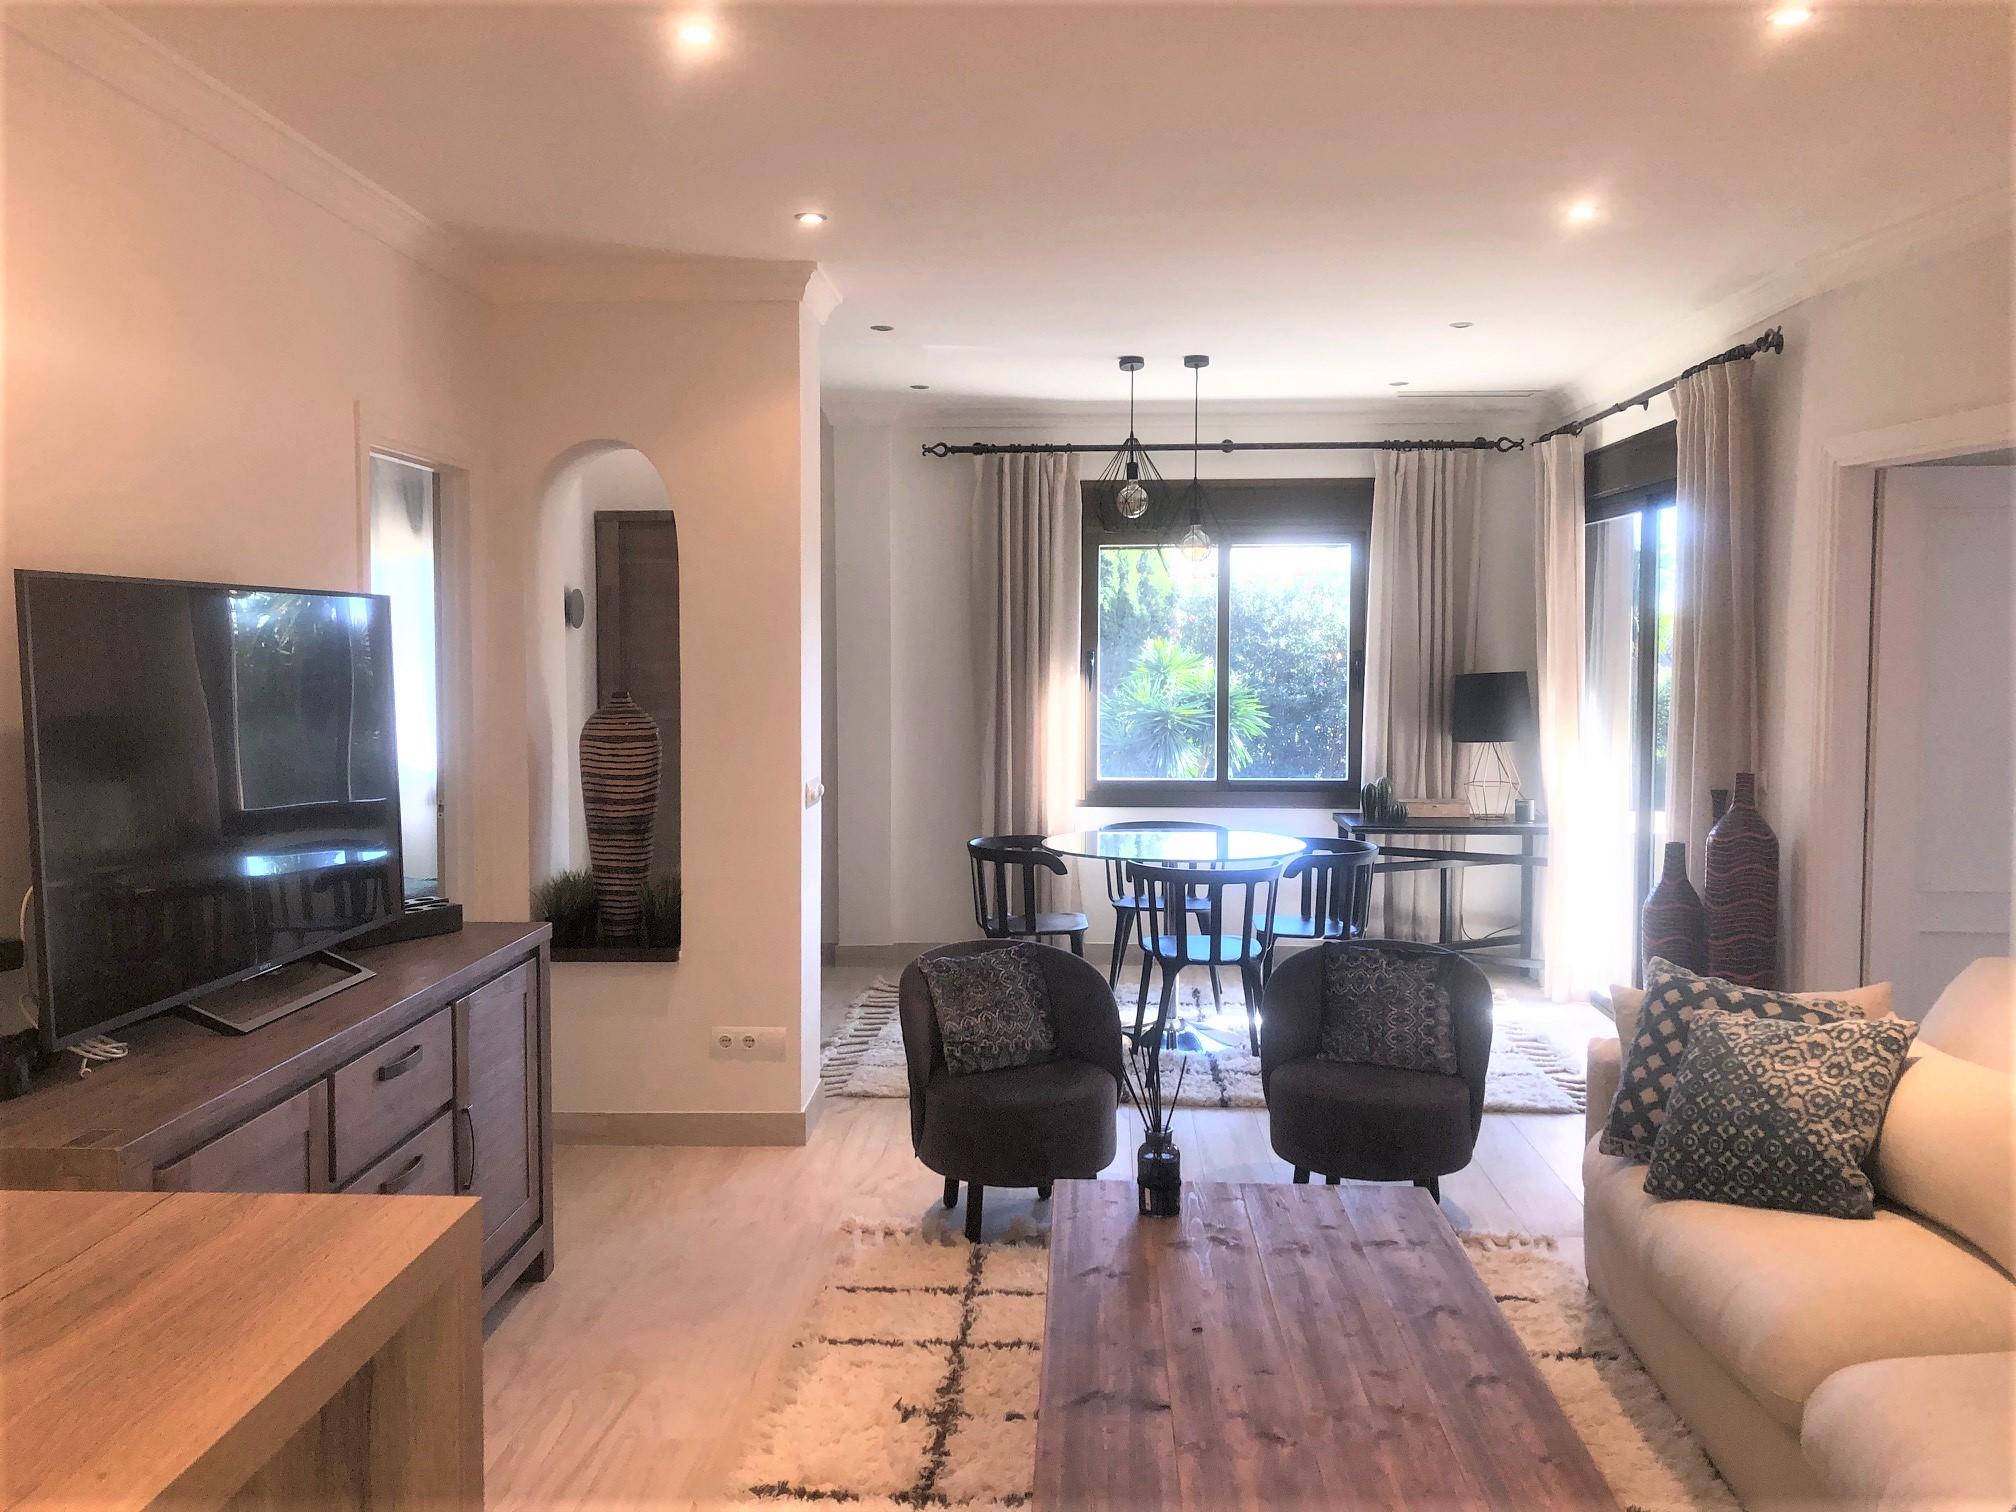 Precioso apartamento de dos dormitorios en alquiler en Hotel de Golf Las Brisas